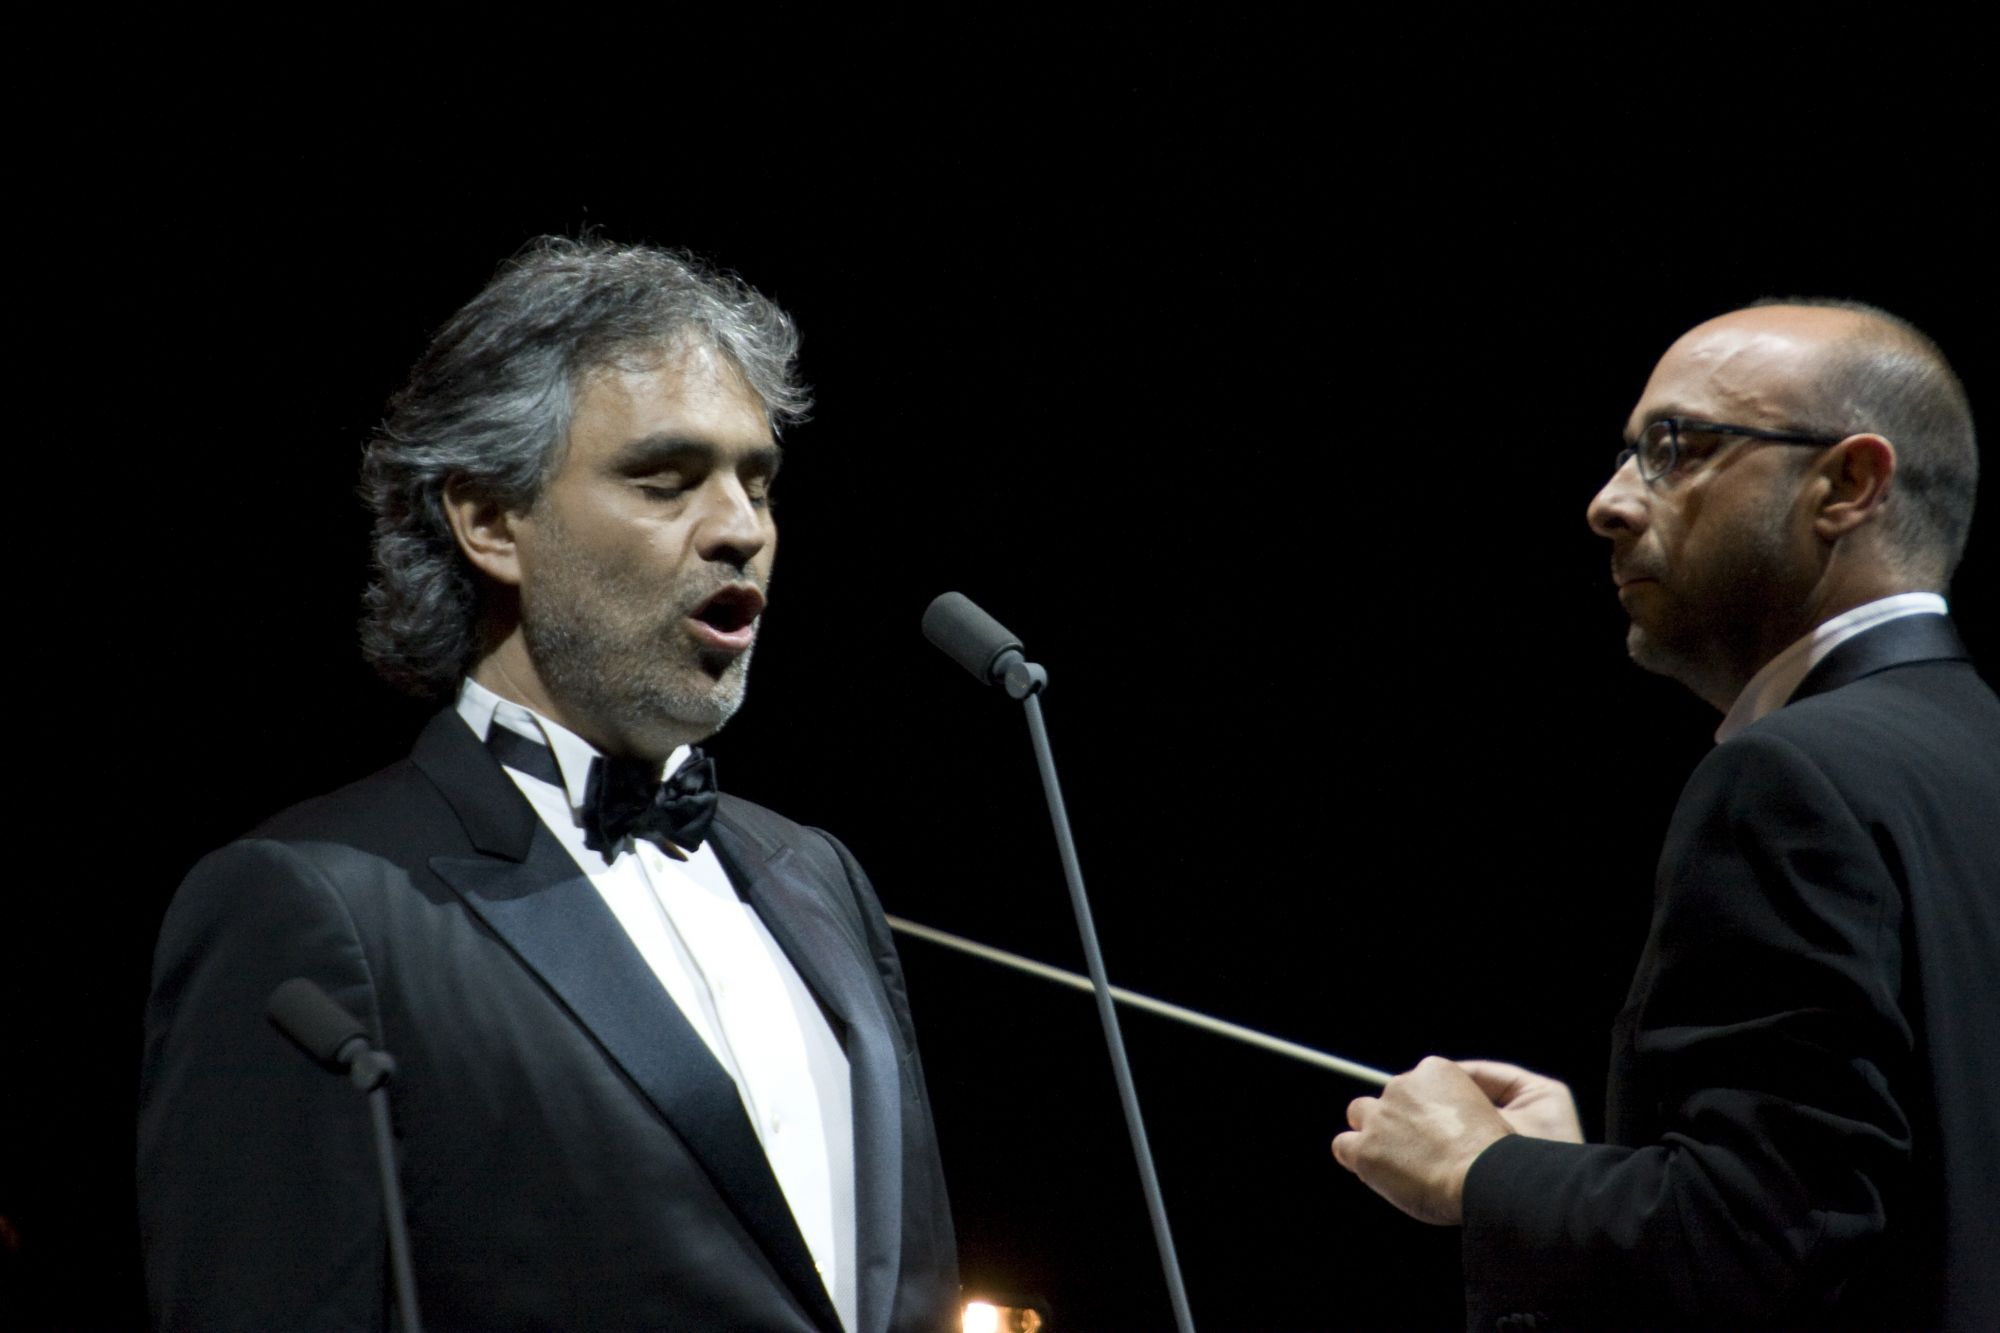 Bocelli canta il primo Puccini: domani concerto inaugurale del Festival 2018